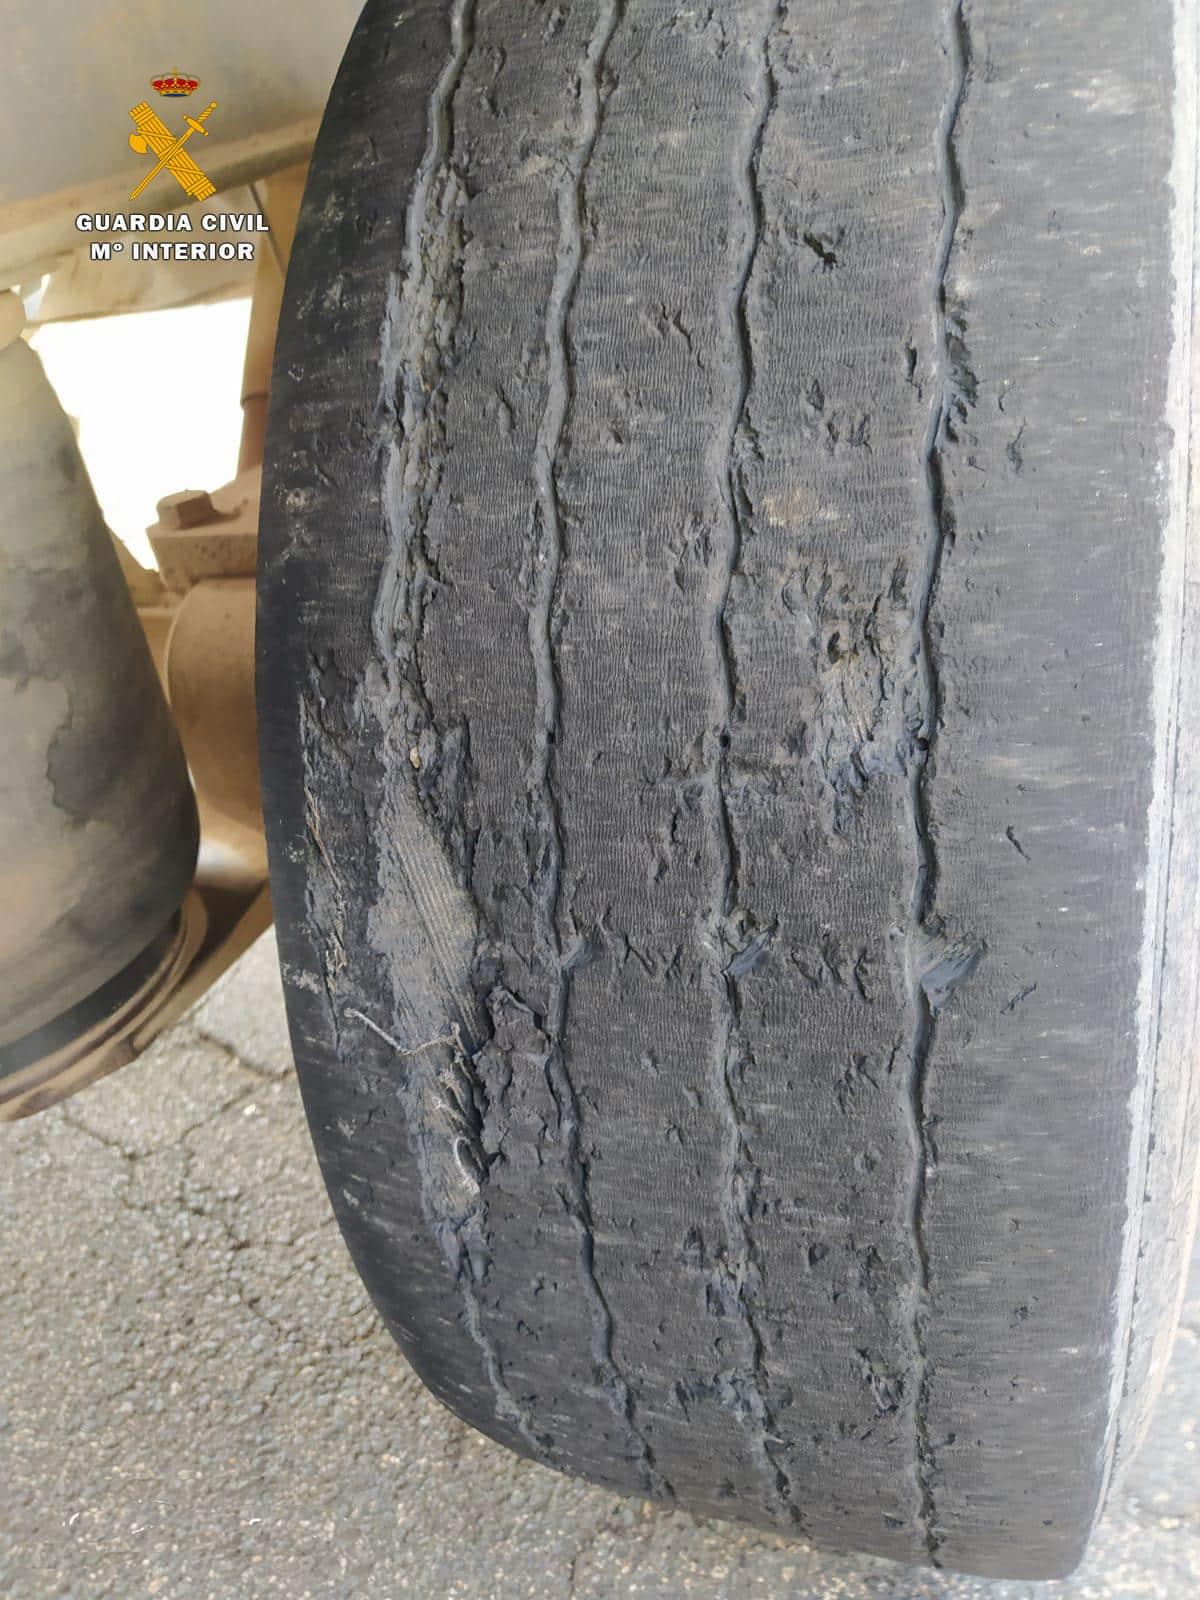 Denunciado un camionero tras cometer nueve infracciones en materia de tráfico y transporte 3